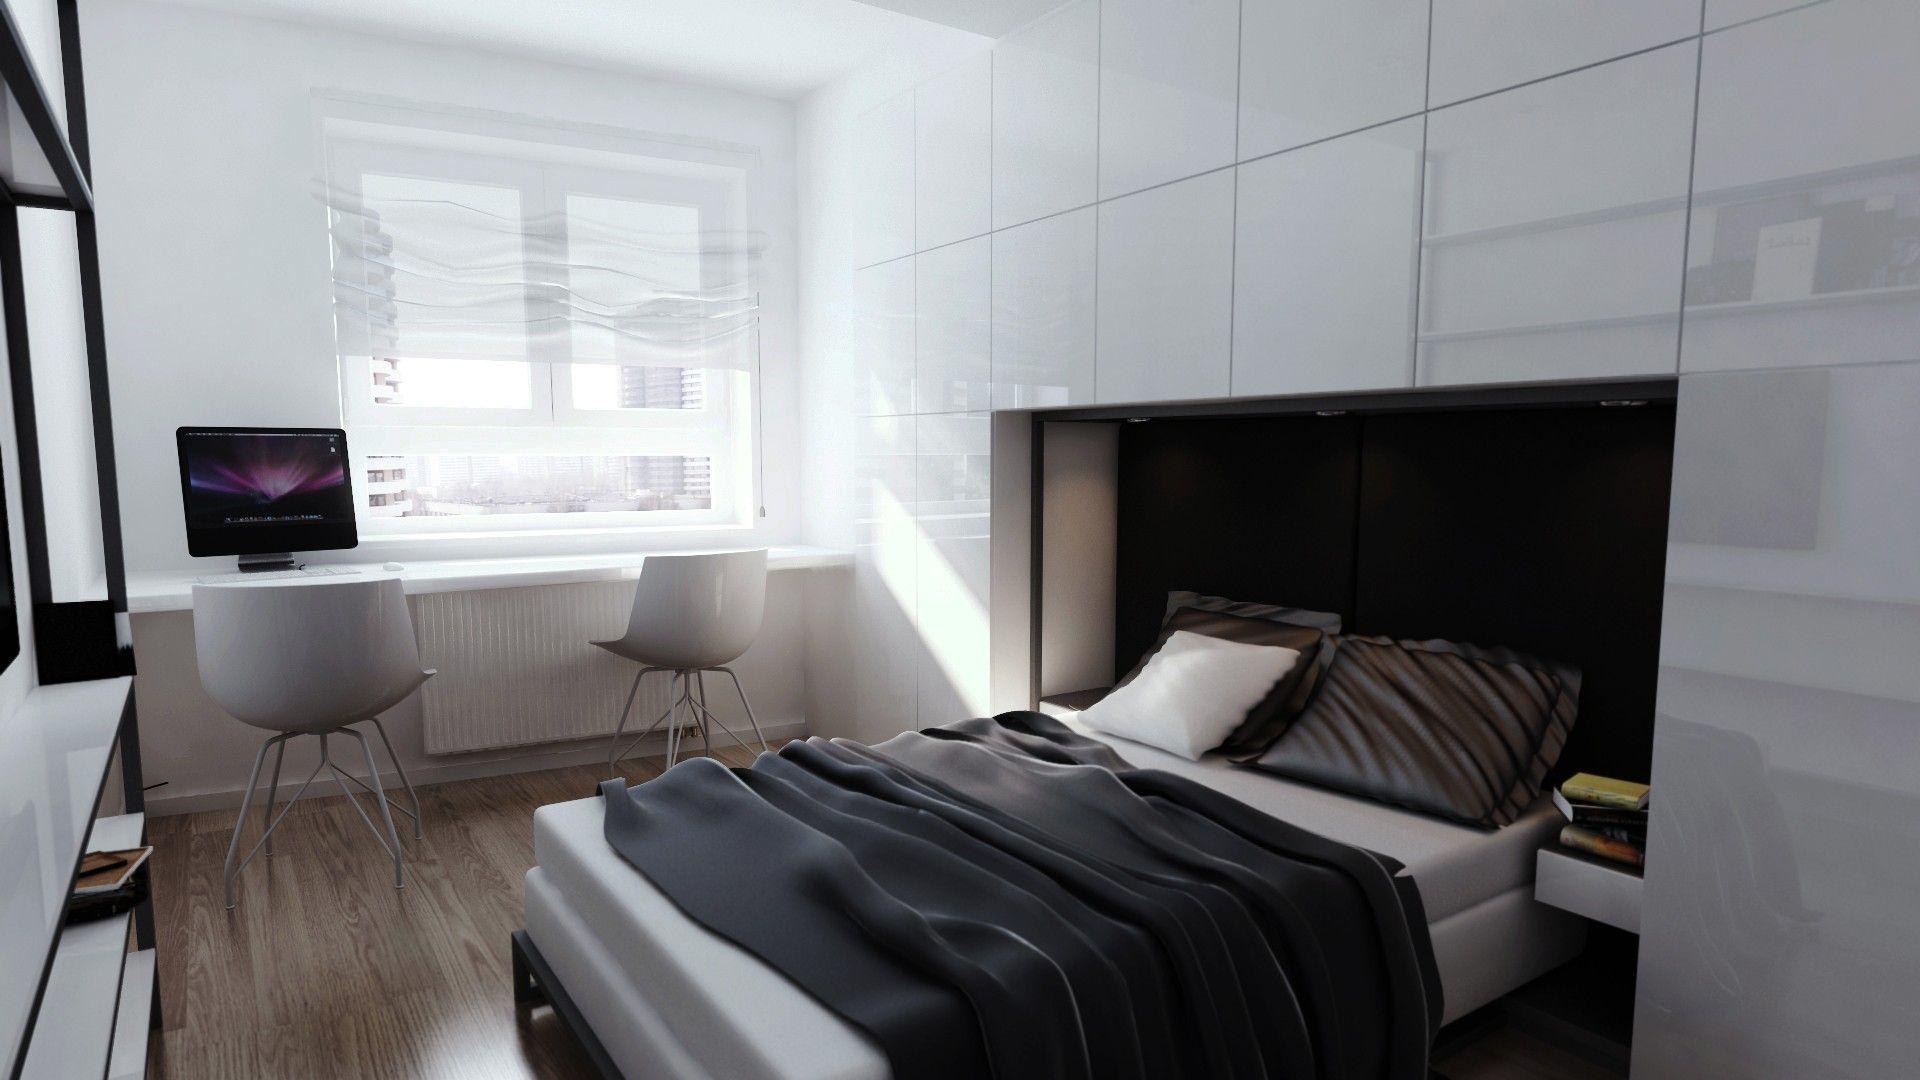 Minimalistyczna Sypialnia W Bloku Projekt Aranżacji Wnętrza